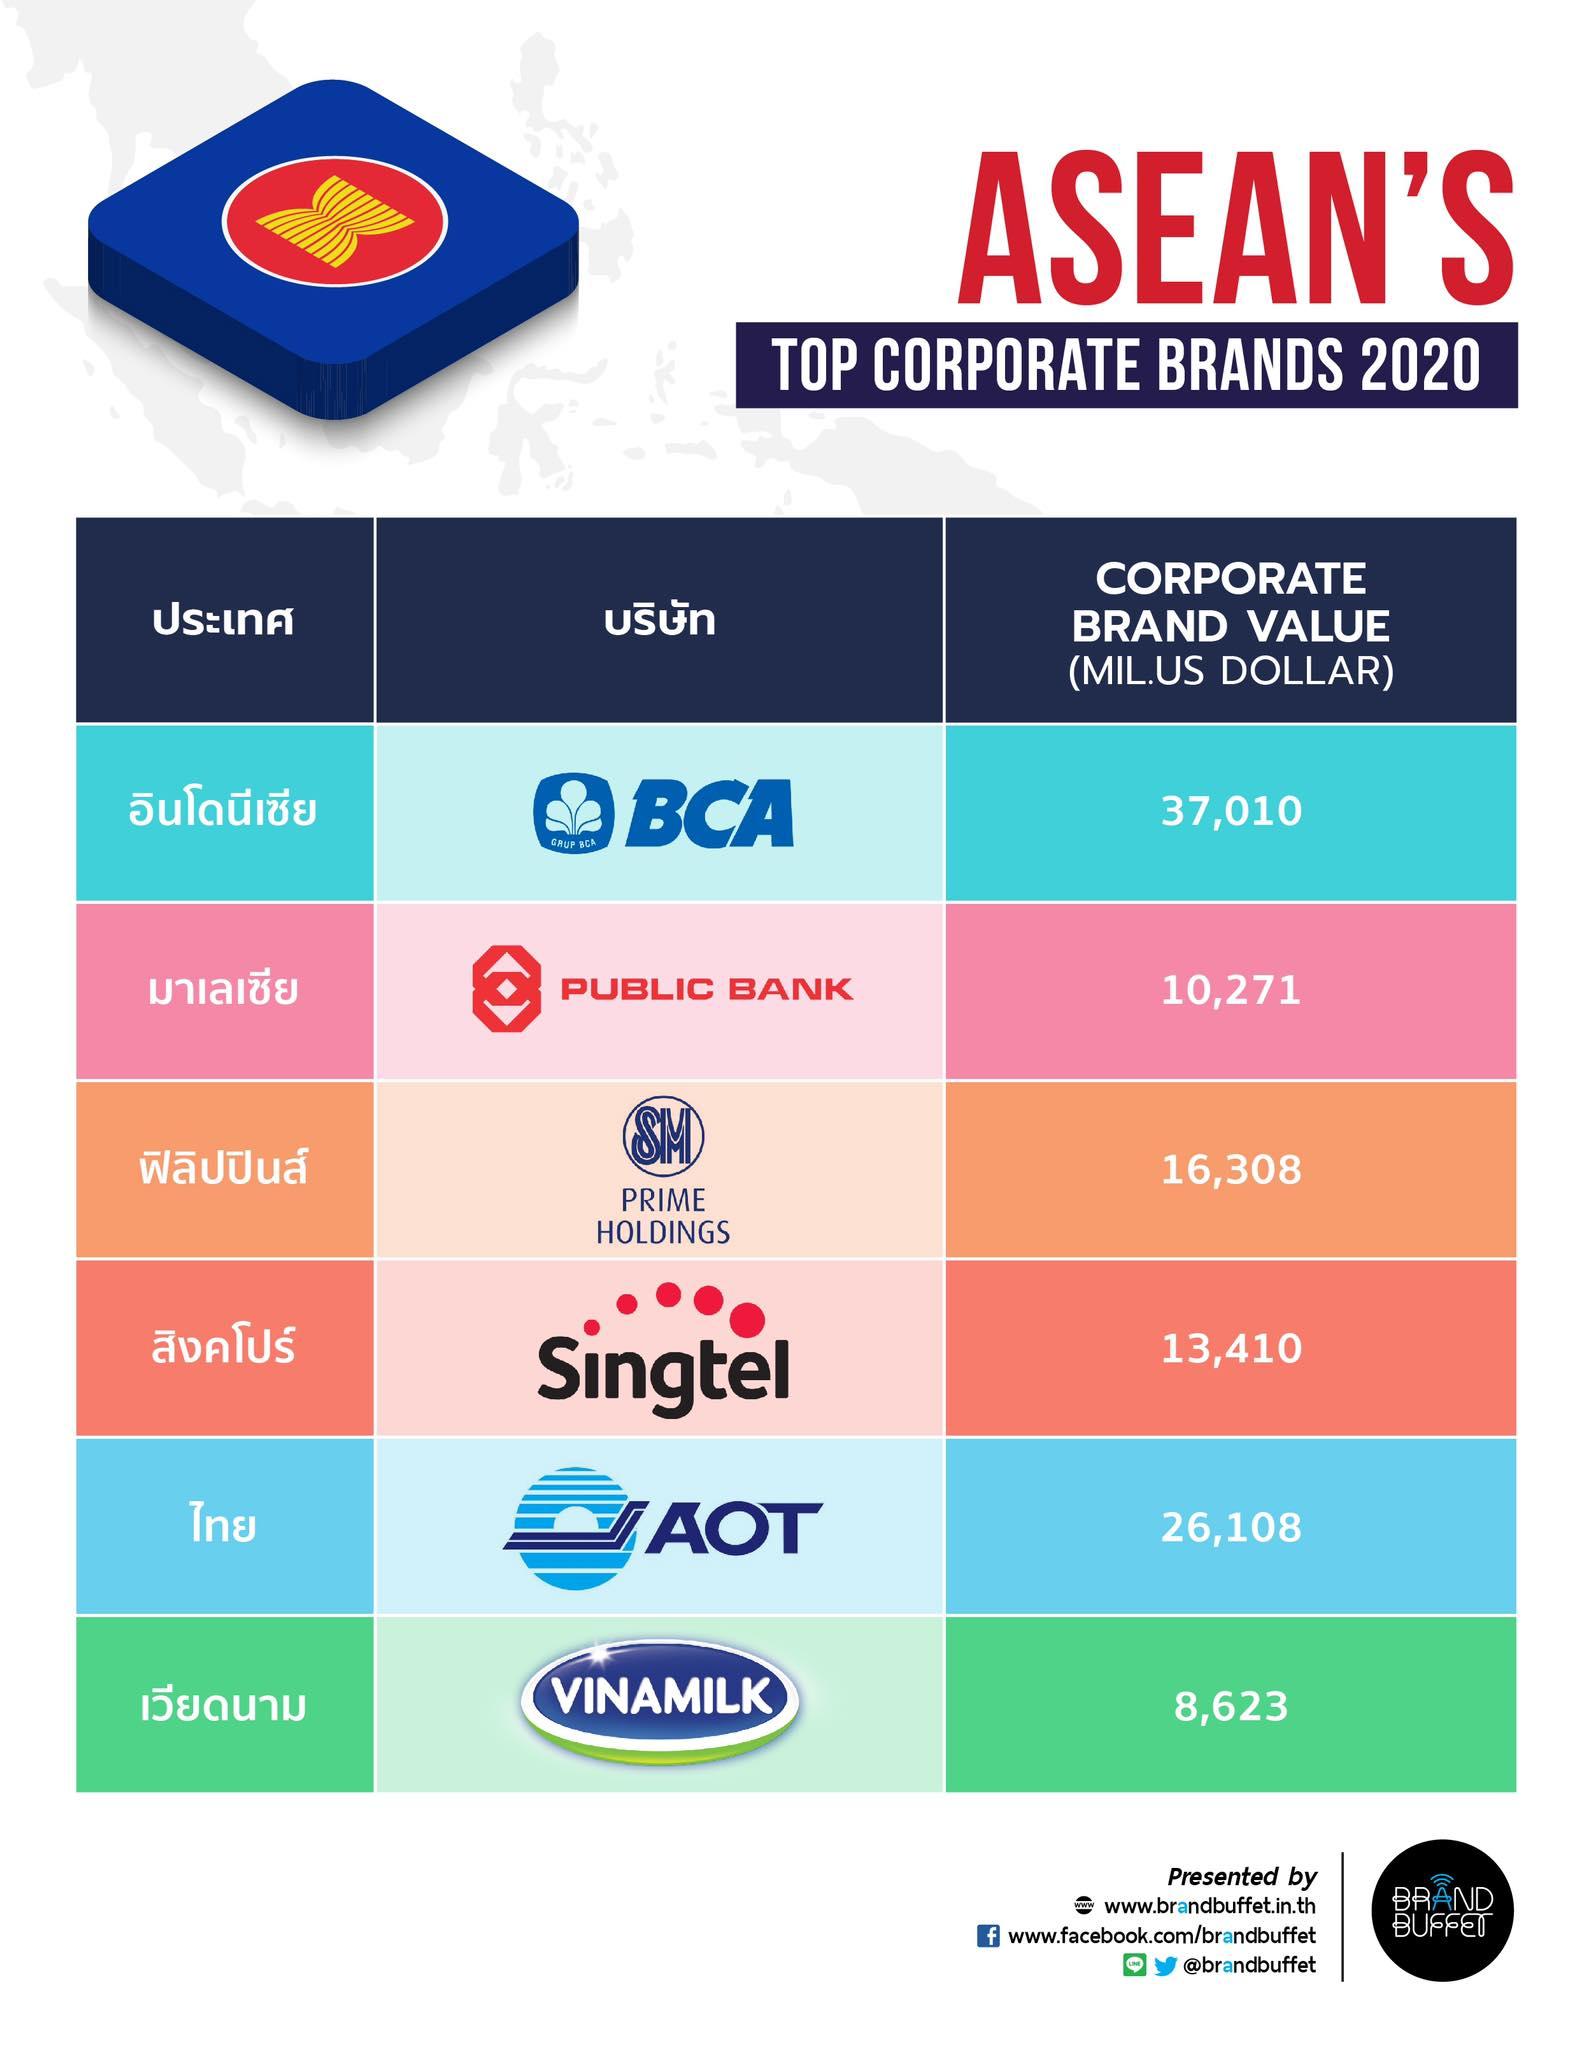 ASEAN's Top Corporate Brands 2020